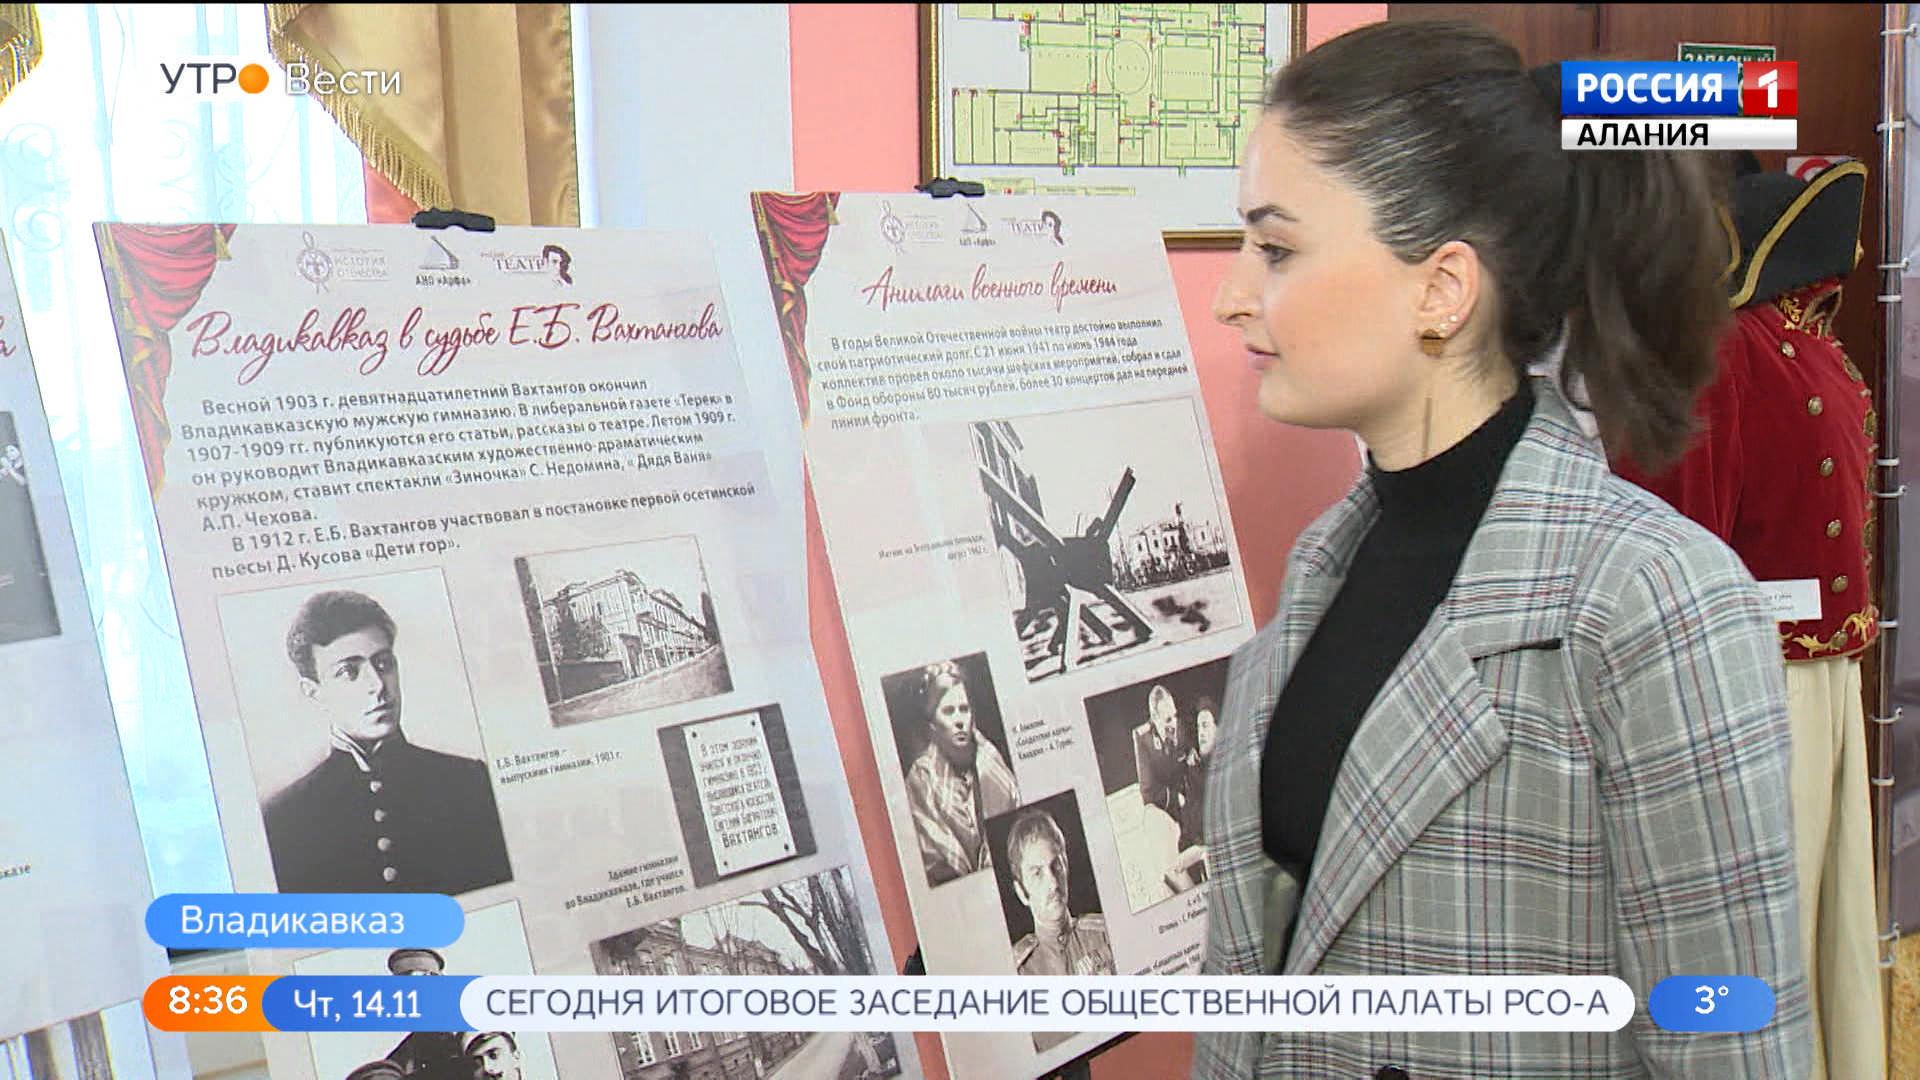 В Академическом русском театре открылась историко-документальная выставка «Легендарный театр Кавказа»